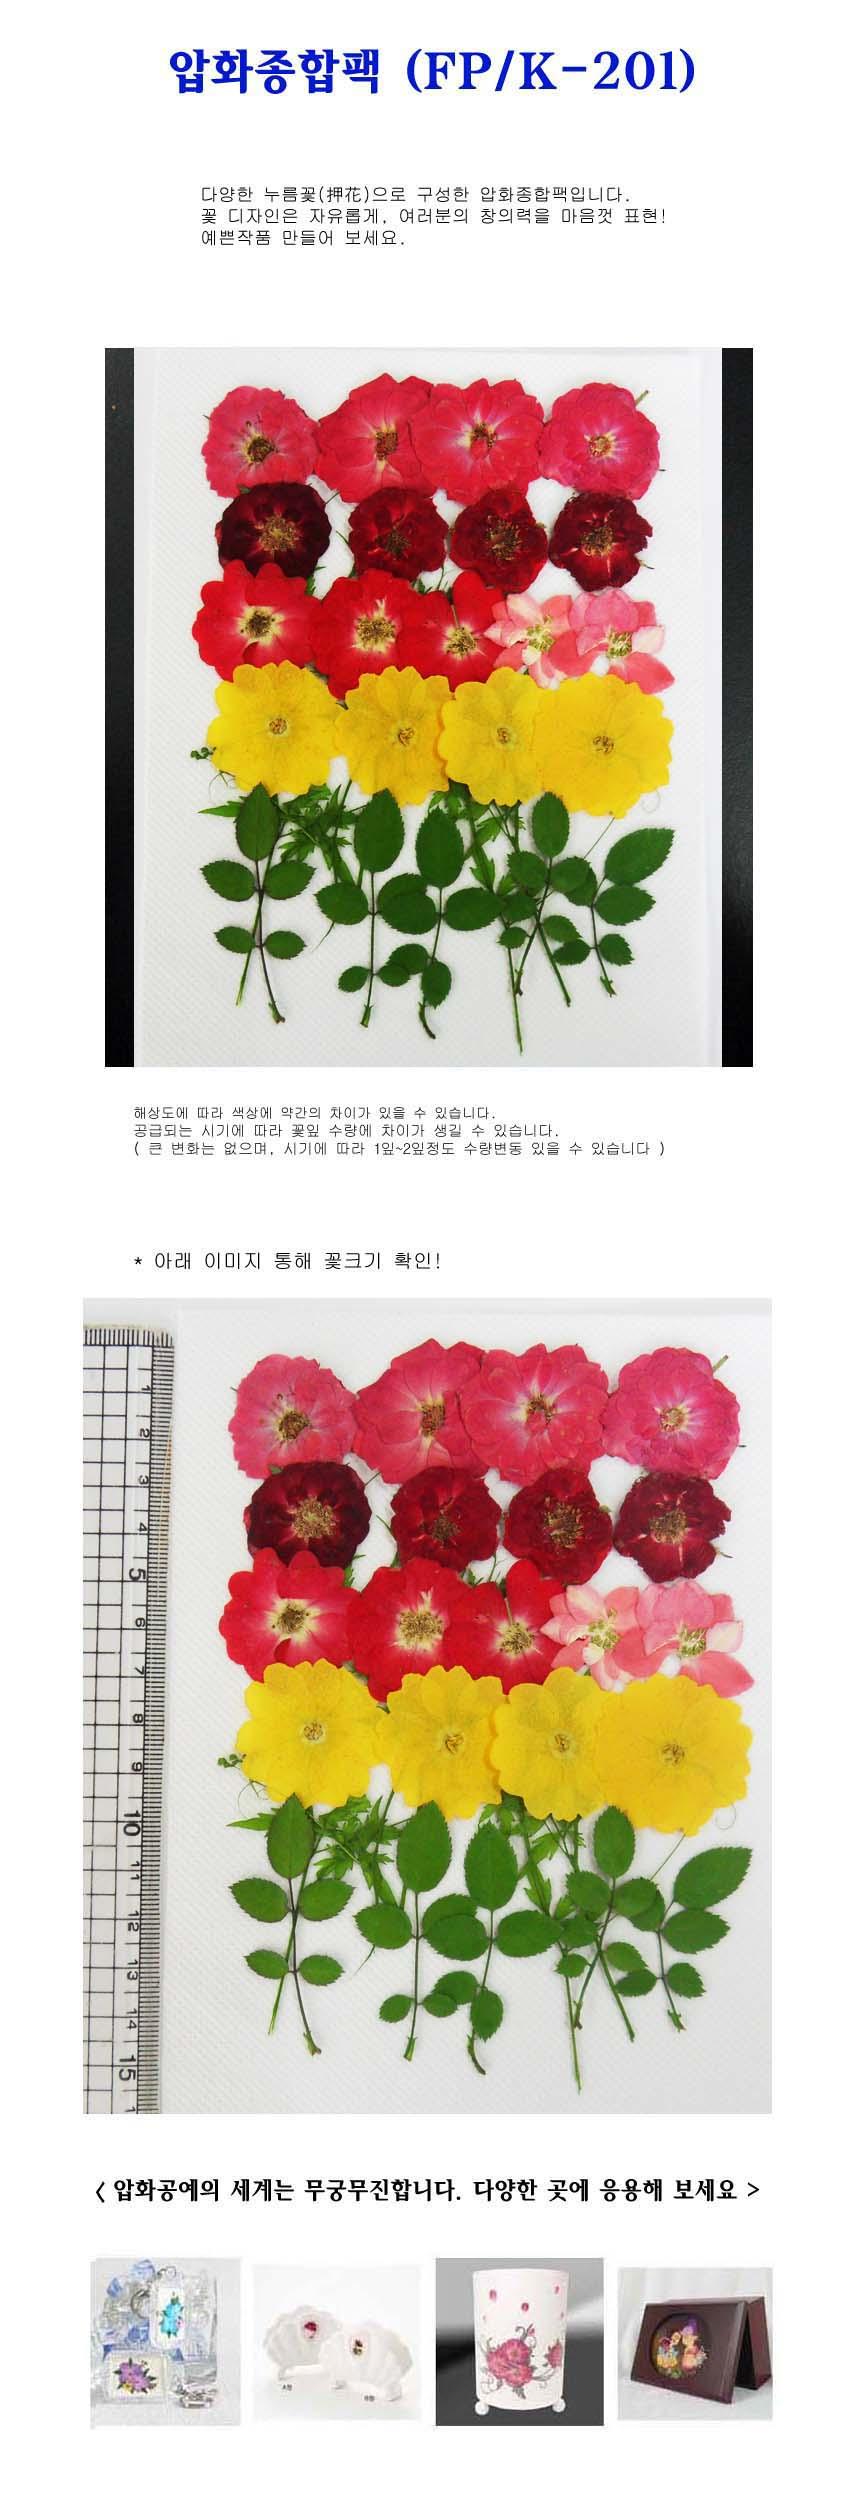 압화꽃 종합팩 K201 - 프레스코21, 7,000원, 압화 공예, 압화 공예 재료